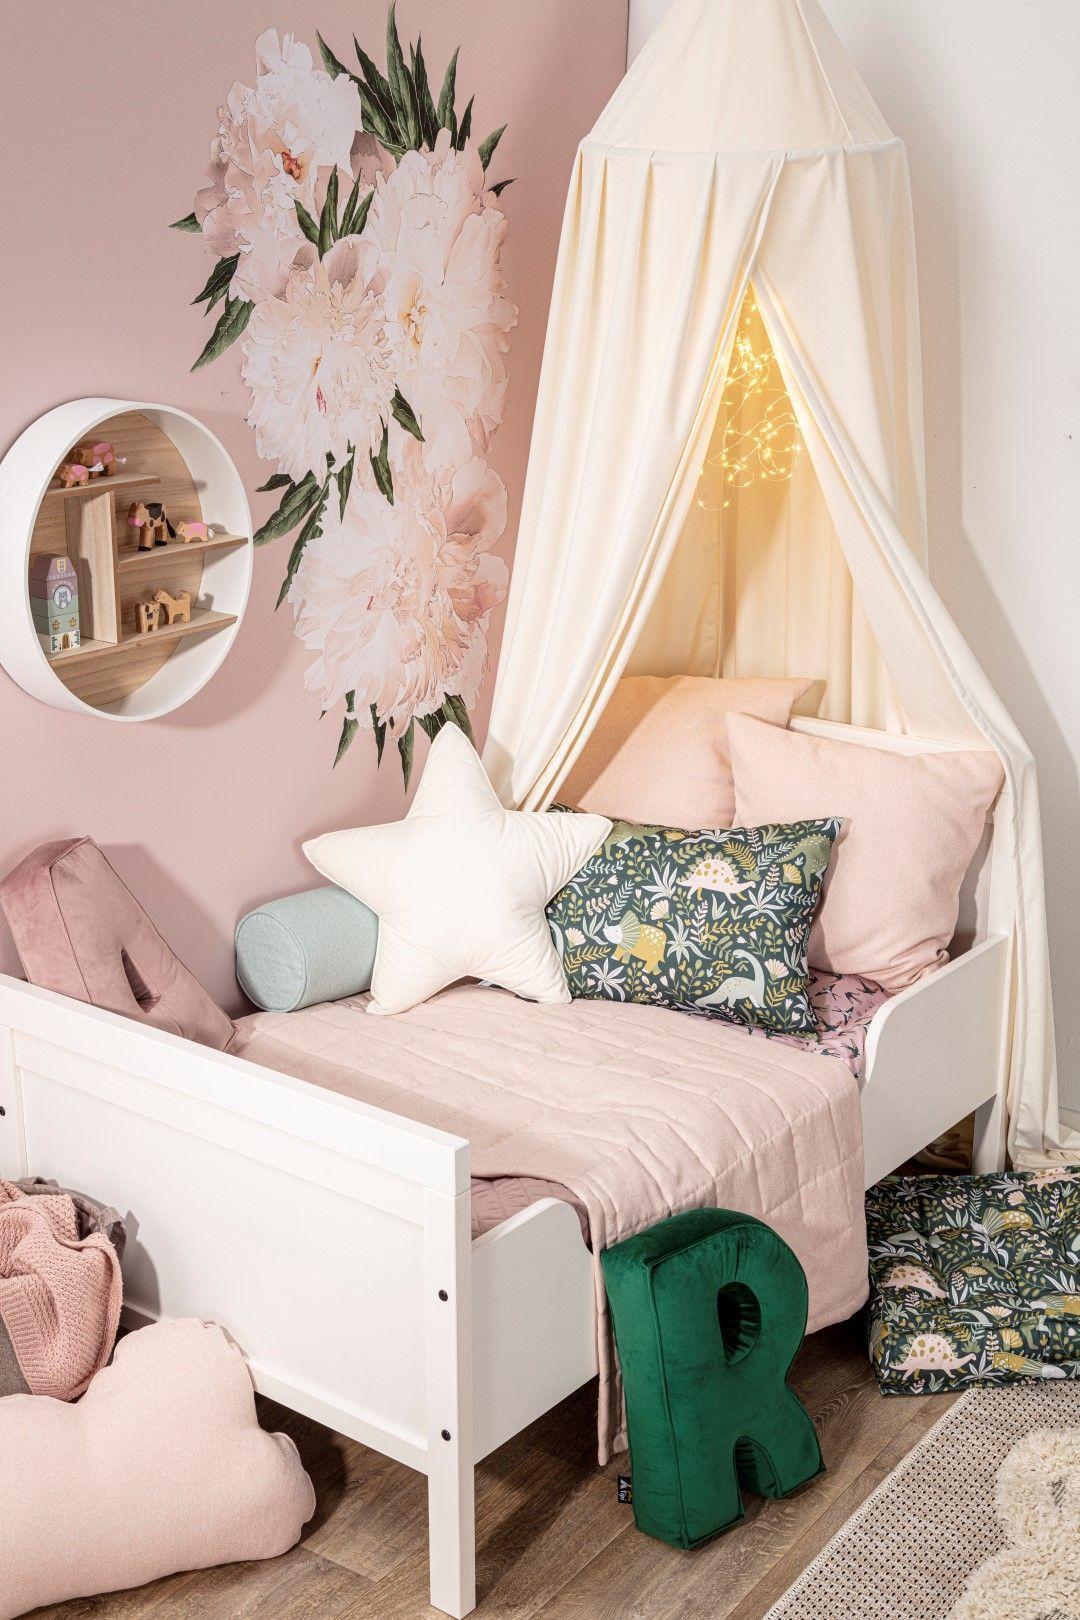 Kwiaty W Pokoju Dziewczynki Flowers In The Girl S Room Small Girls Bedrooms Home Decor Girls Bedroom